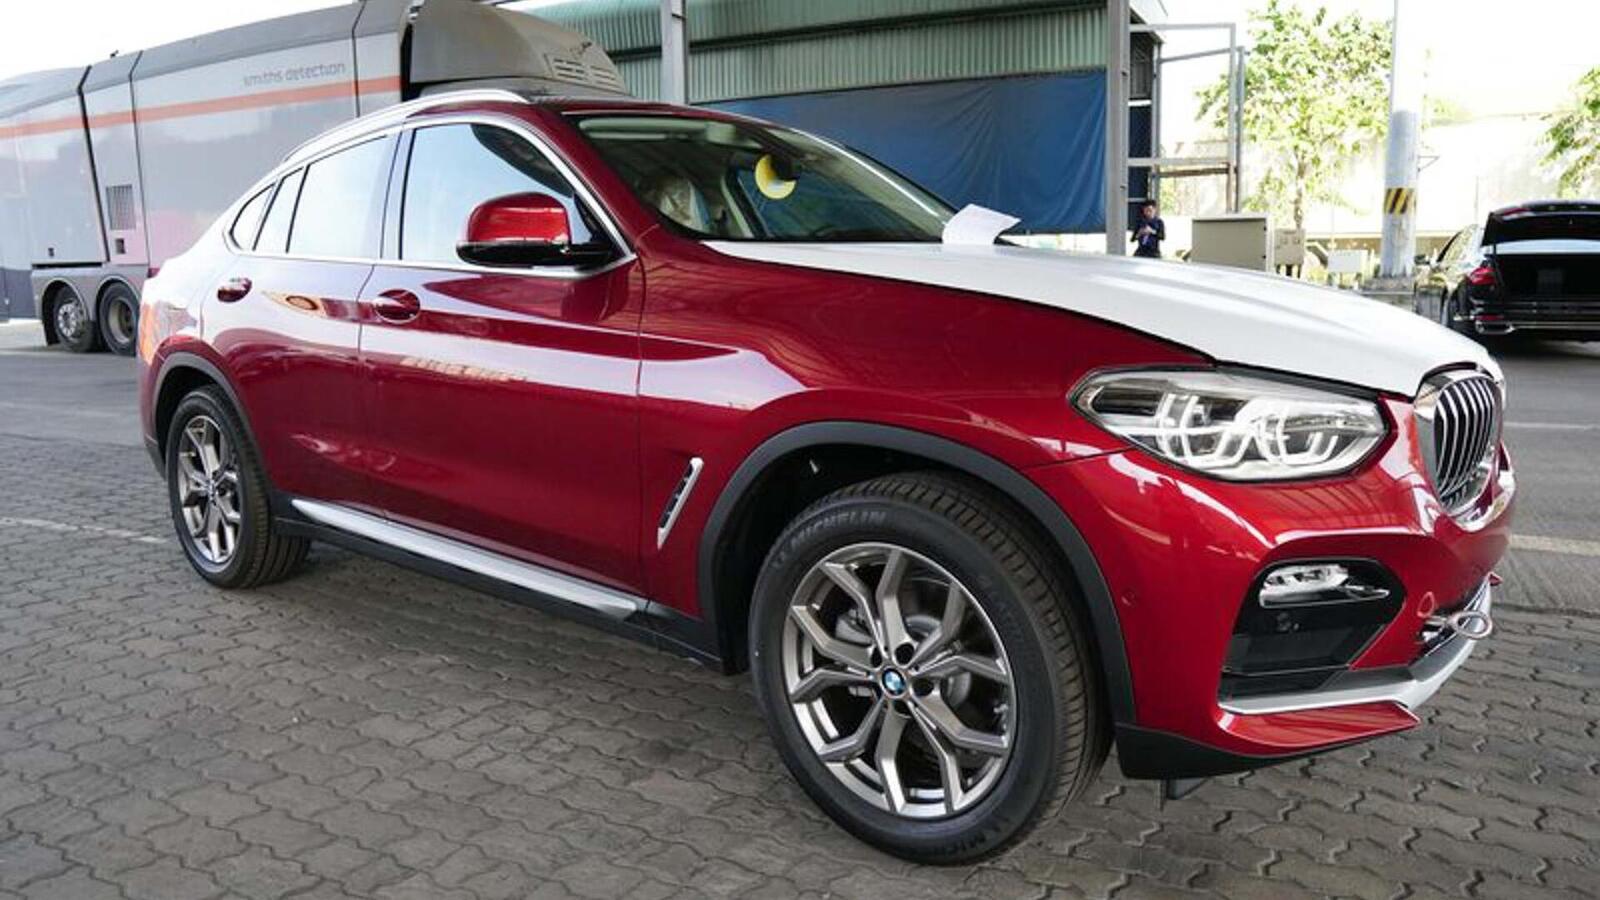 THACO đưa BMW X4 thế hệ mới về cảng; sắp sửa ra mắt; mời các bác dự đoán giá bán - Hình 1